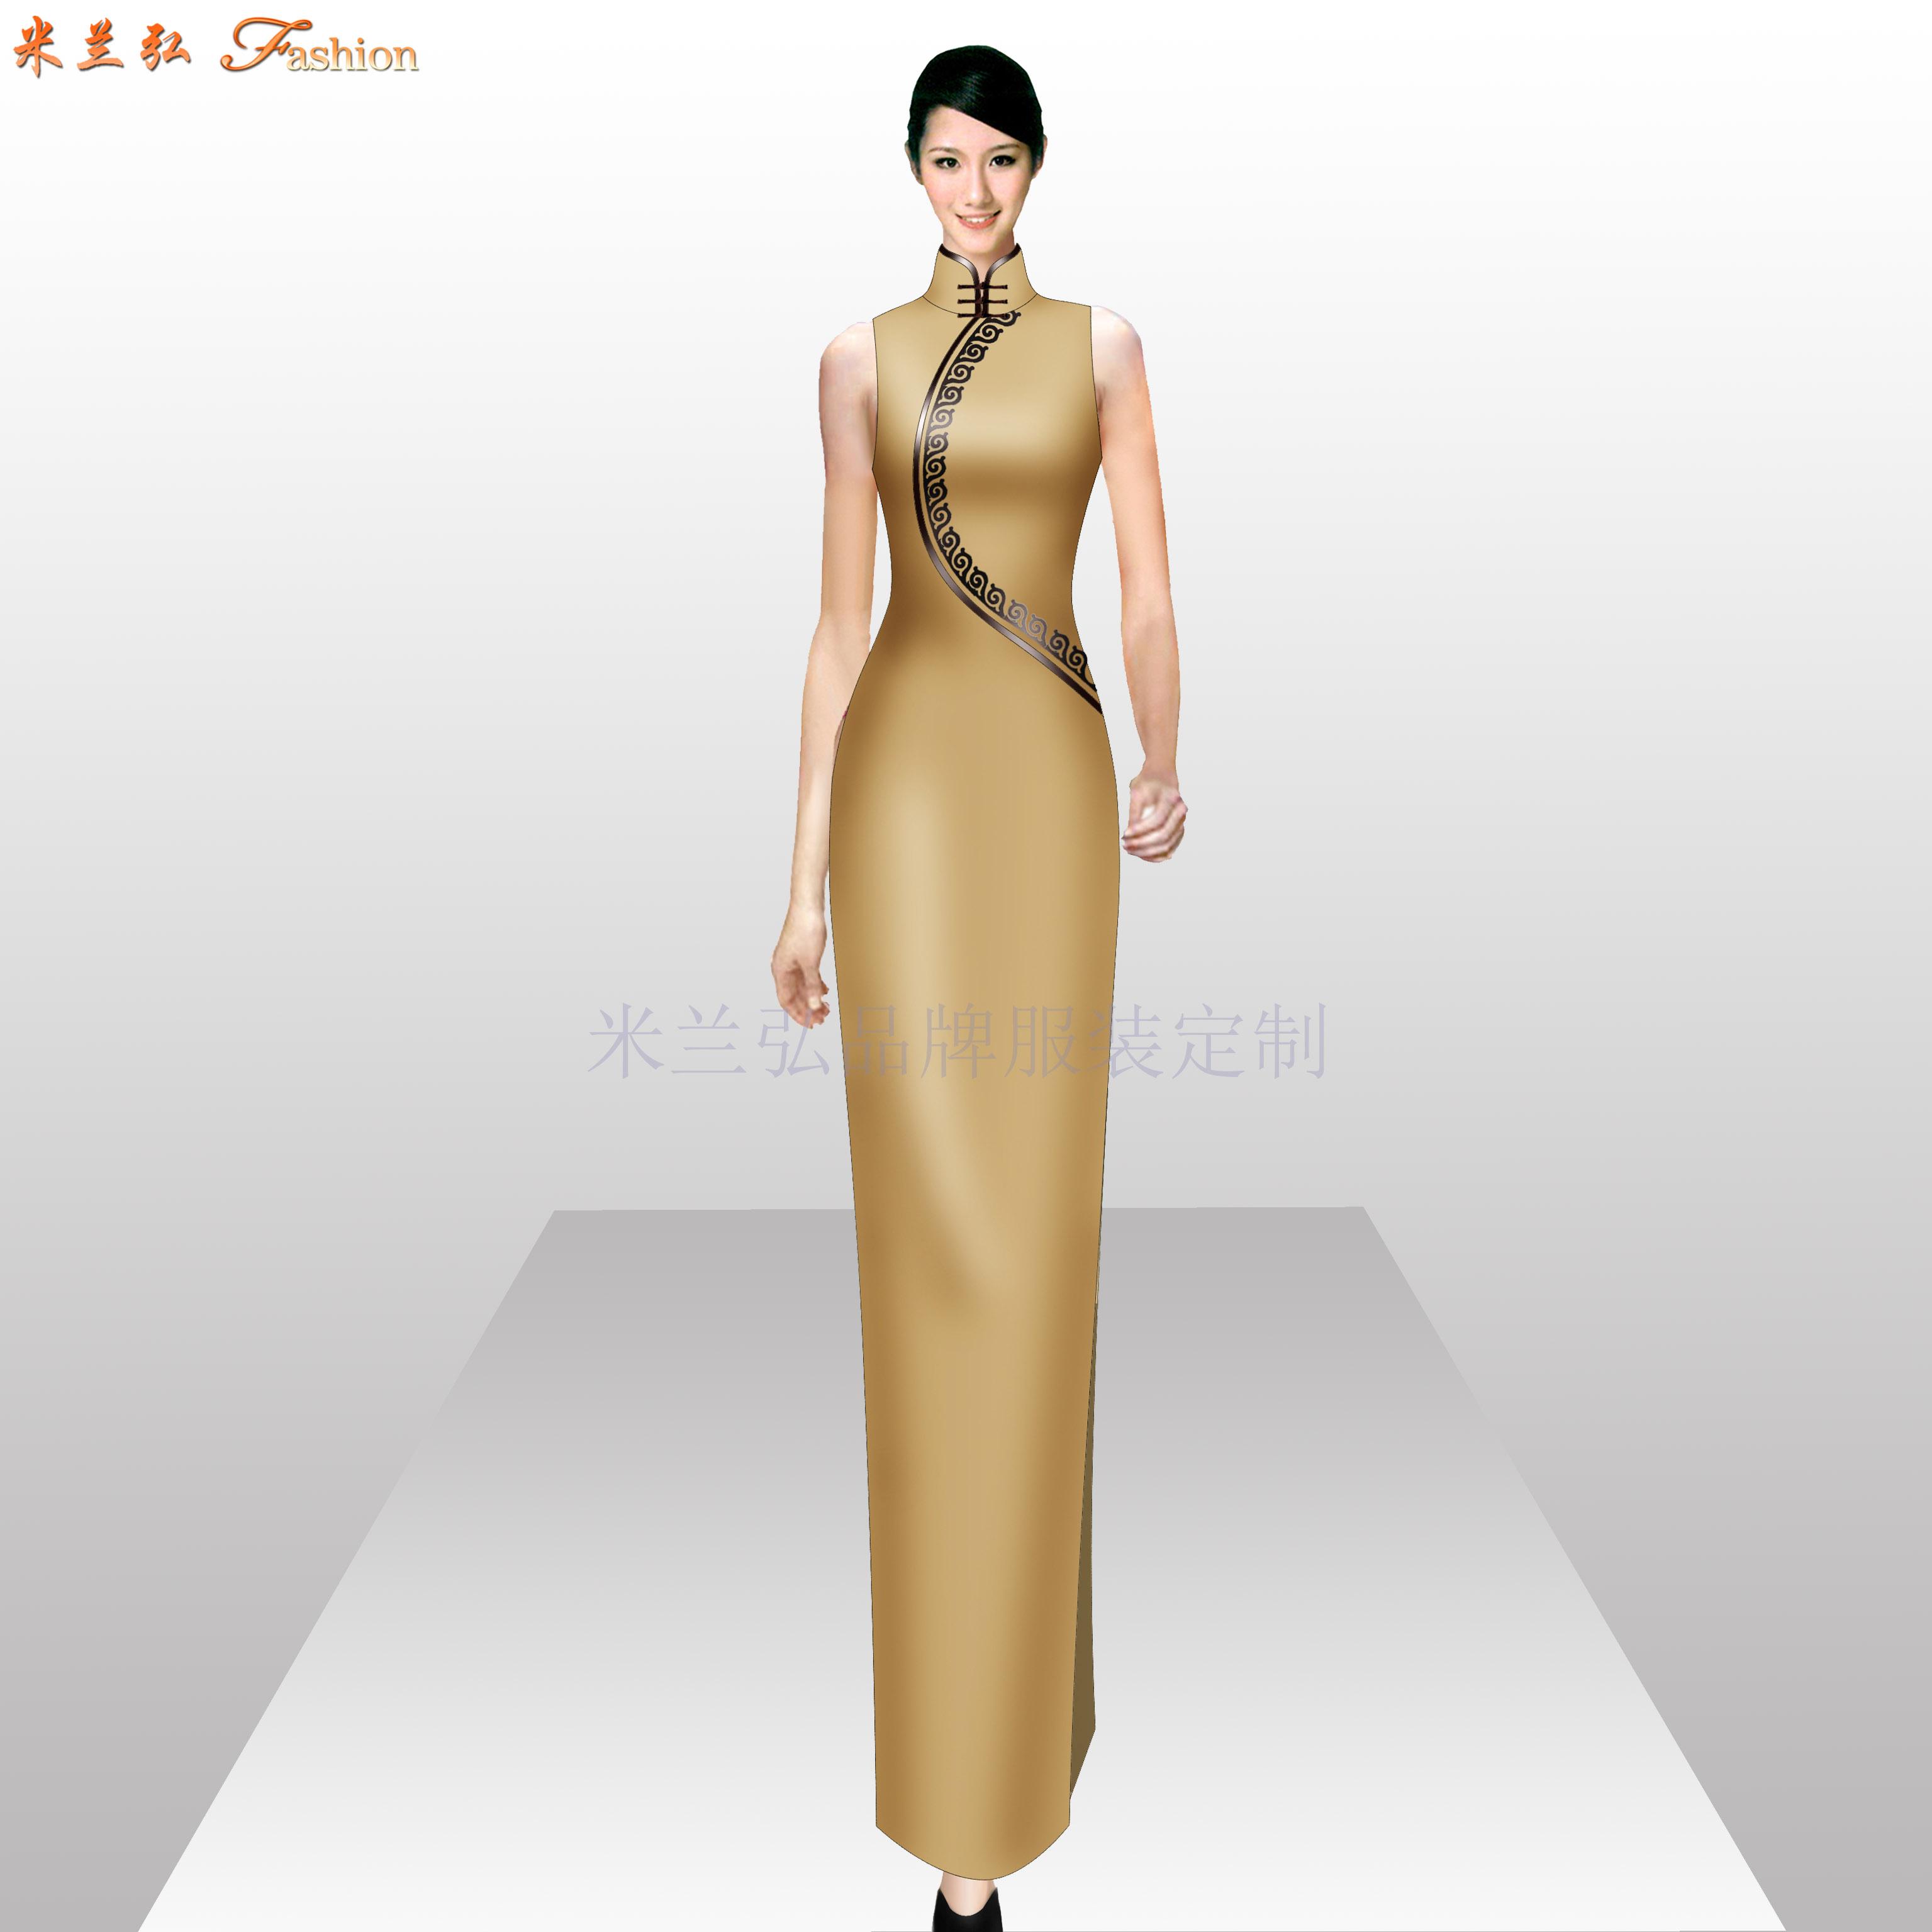 「旗袍高端定制」「旗袍高級訂制」-米蘭弘品牌服裝-4